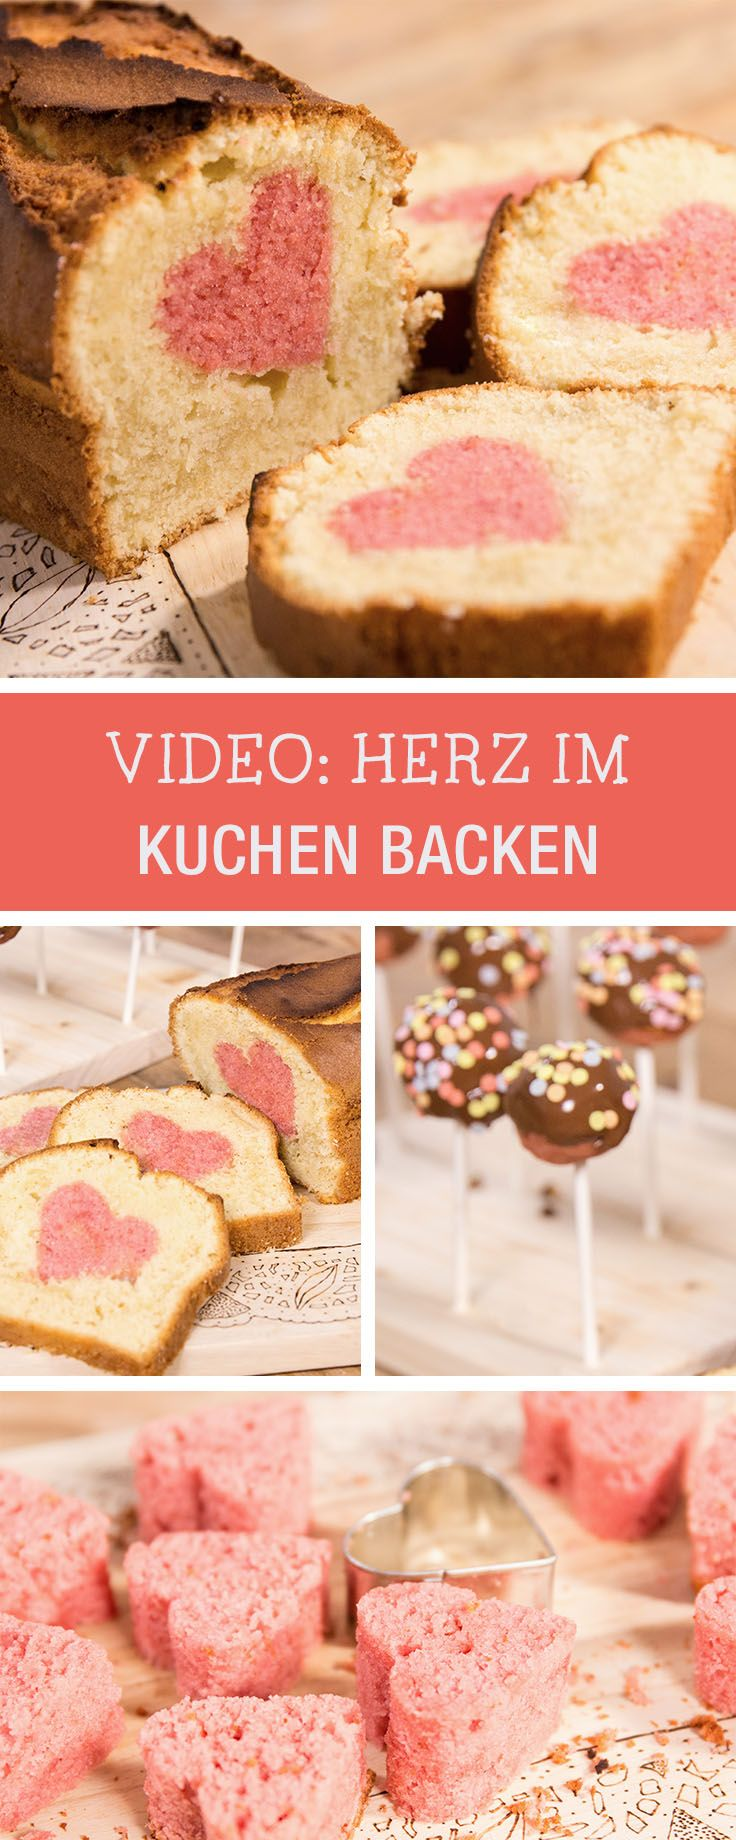 Rezept für den Valentinstag: Video-Anleitung für einen Kuchen mit integriertem Herz / baking tutorial for a pound cake with a heart inside via DaWanda.com